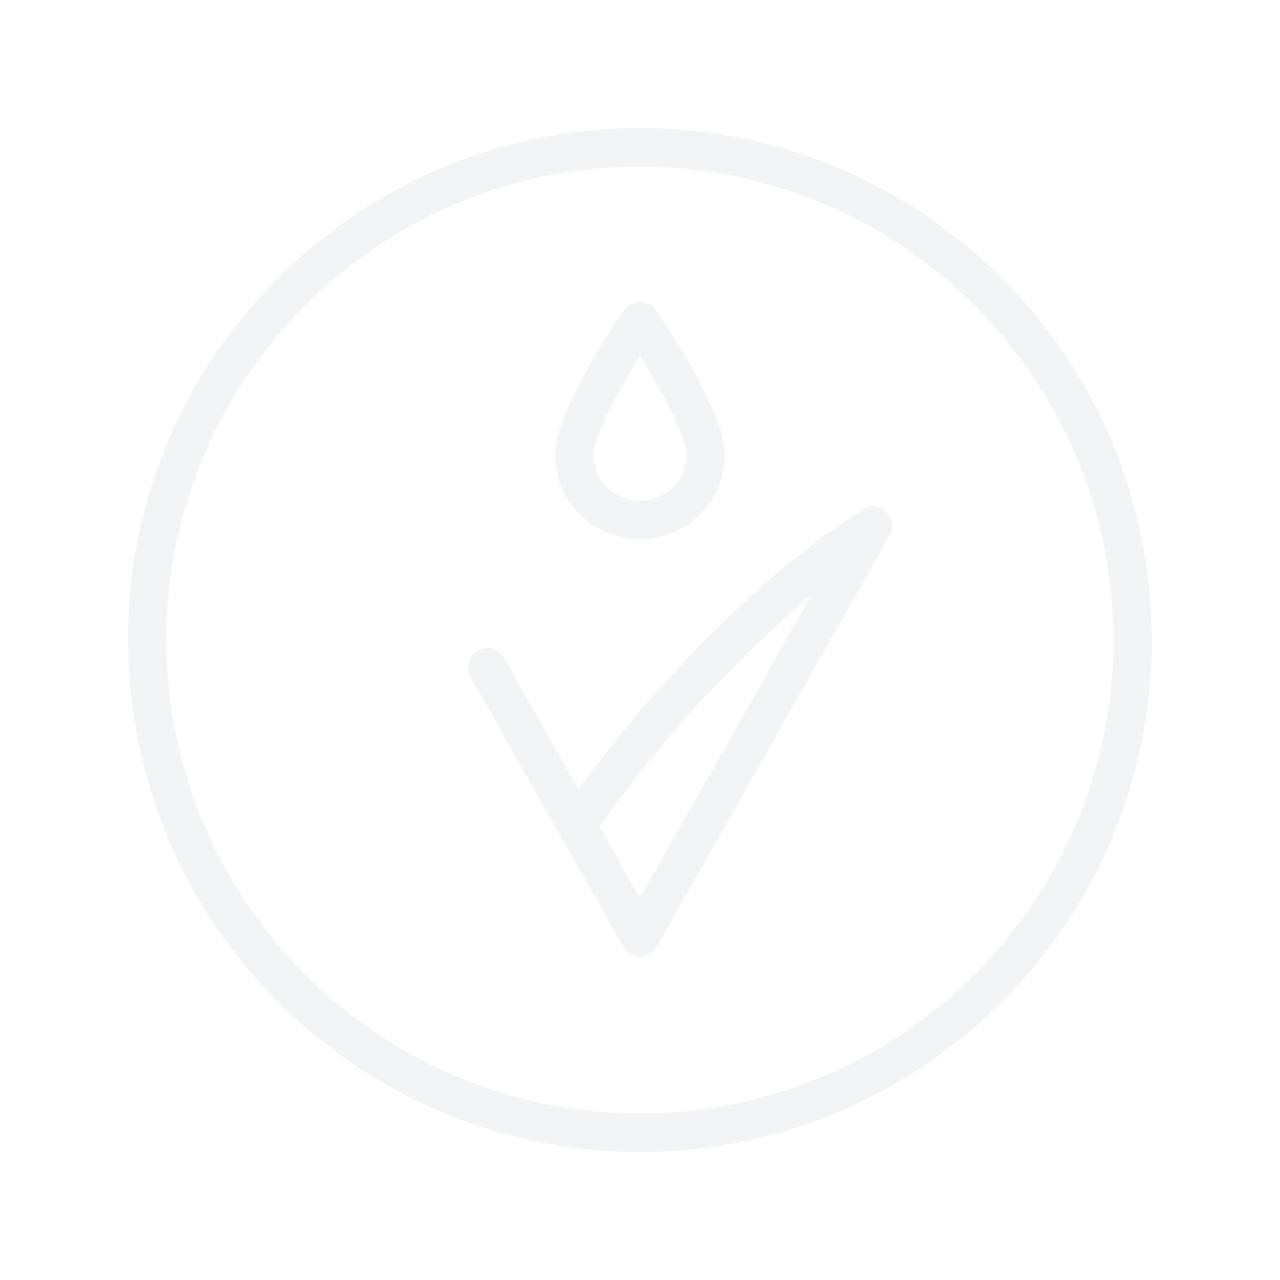 PAYOT Pate Grise Mattifying Mask 50ml